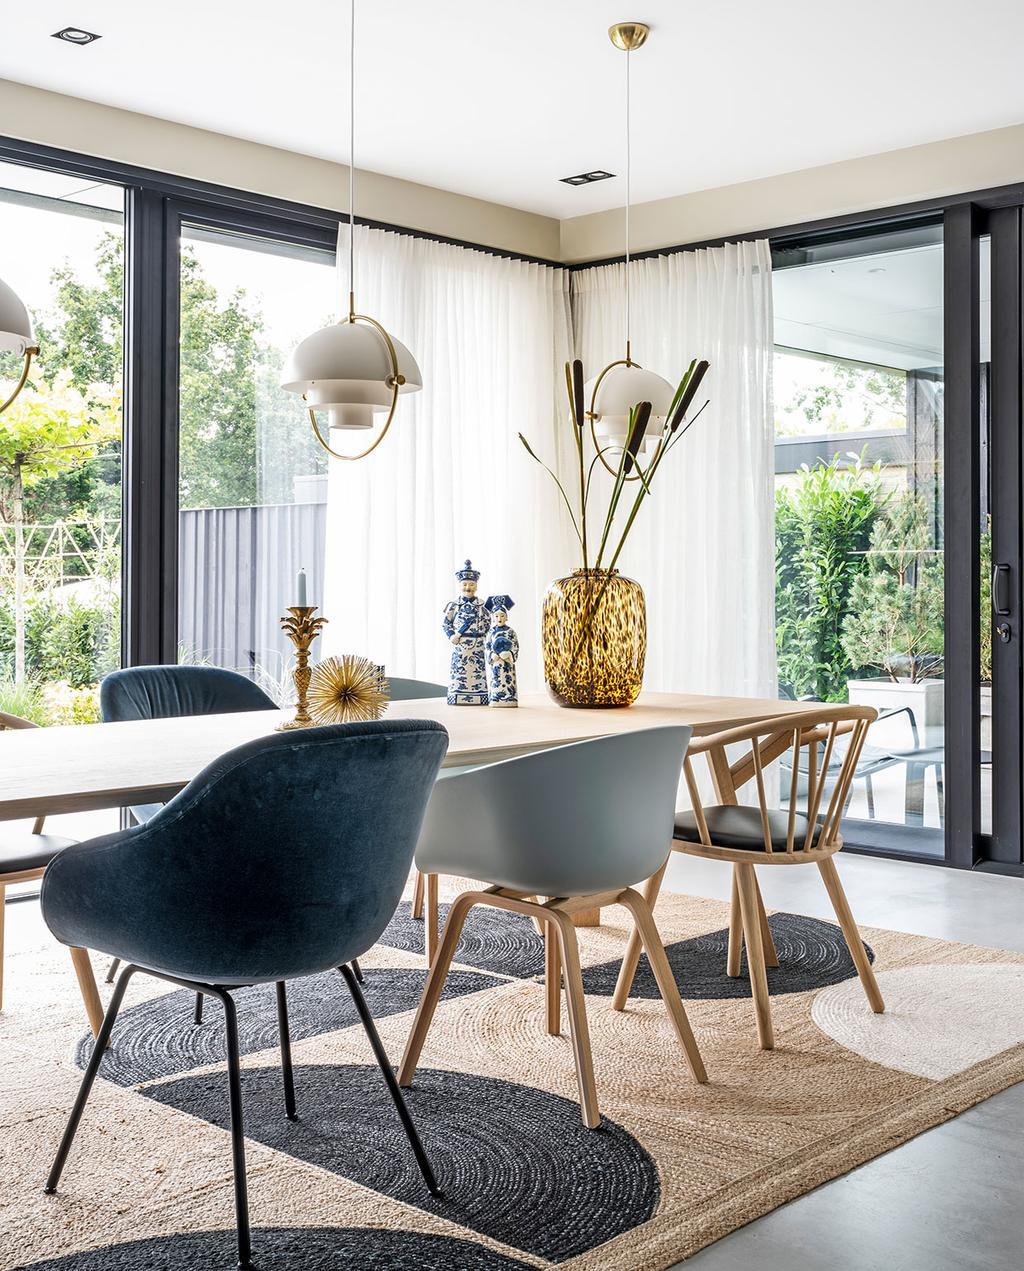 vtwonen 03-2021 | eetkamer met houten tafel en stoelen in verschillende blauwtinten